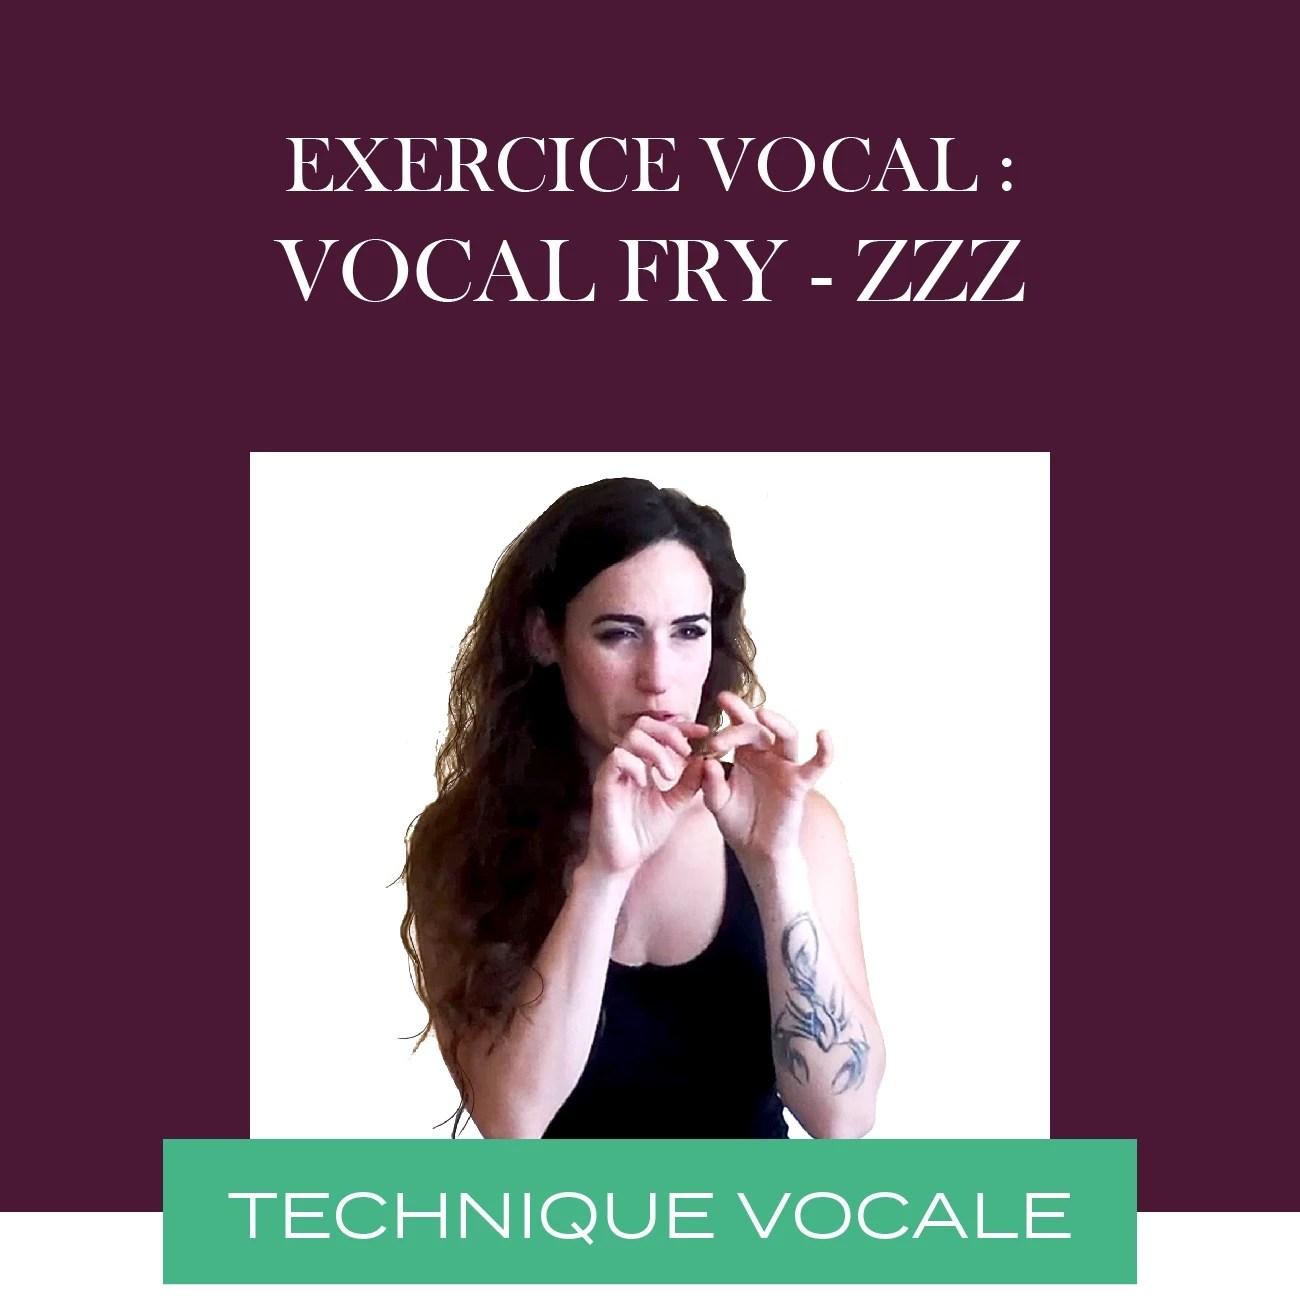 exercice vocal - vocal fry - hey et notes_Plan de travail 1 copie 8